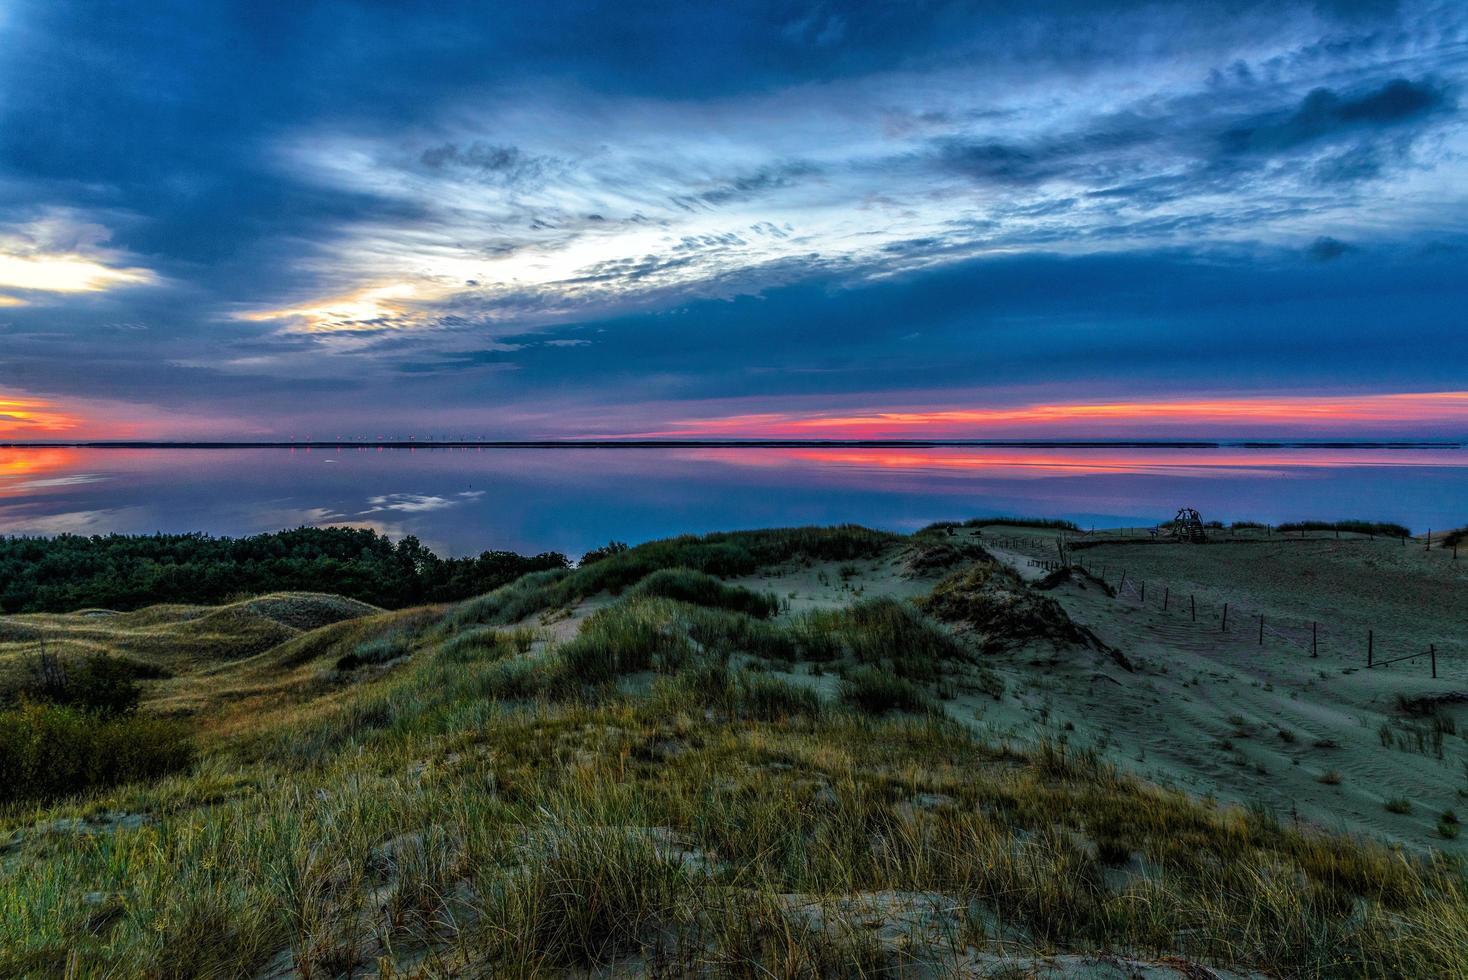 waterlichaam en duinen tijdens zonsondergang foto